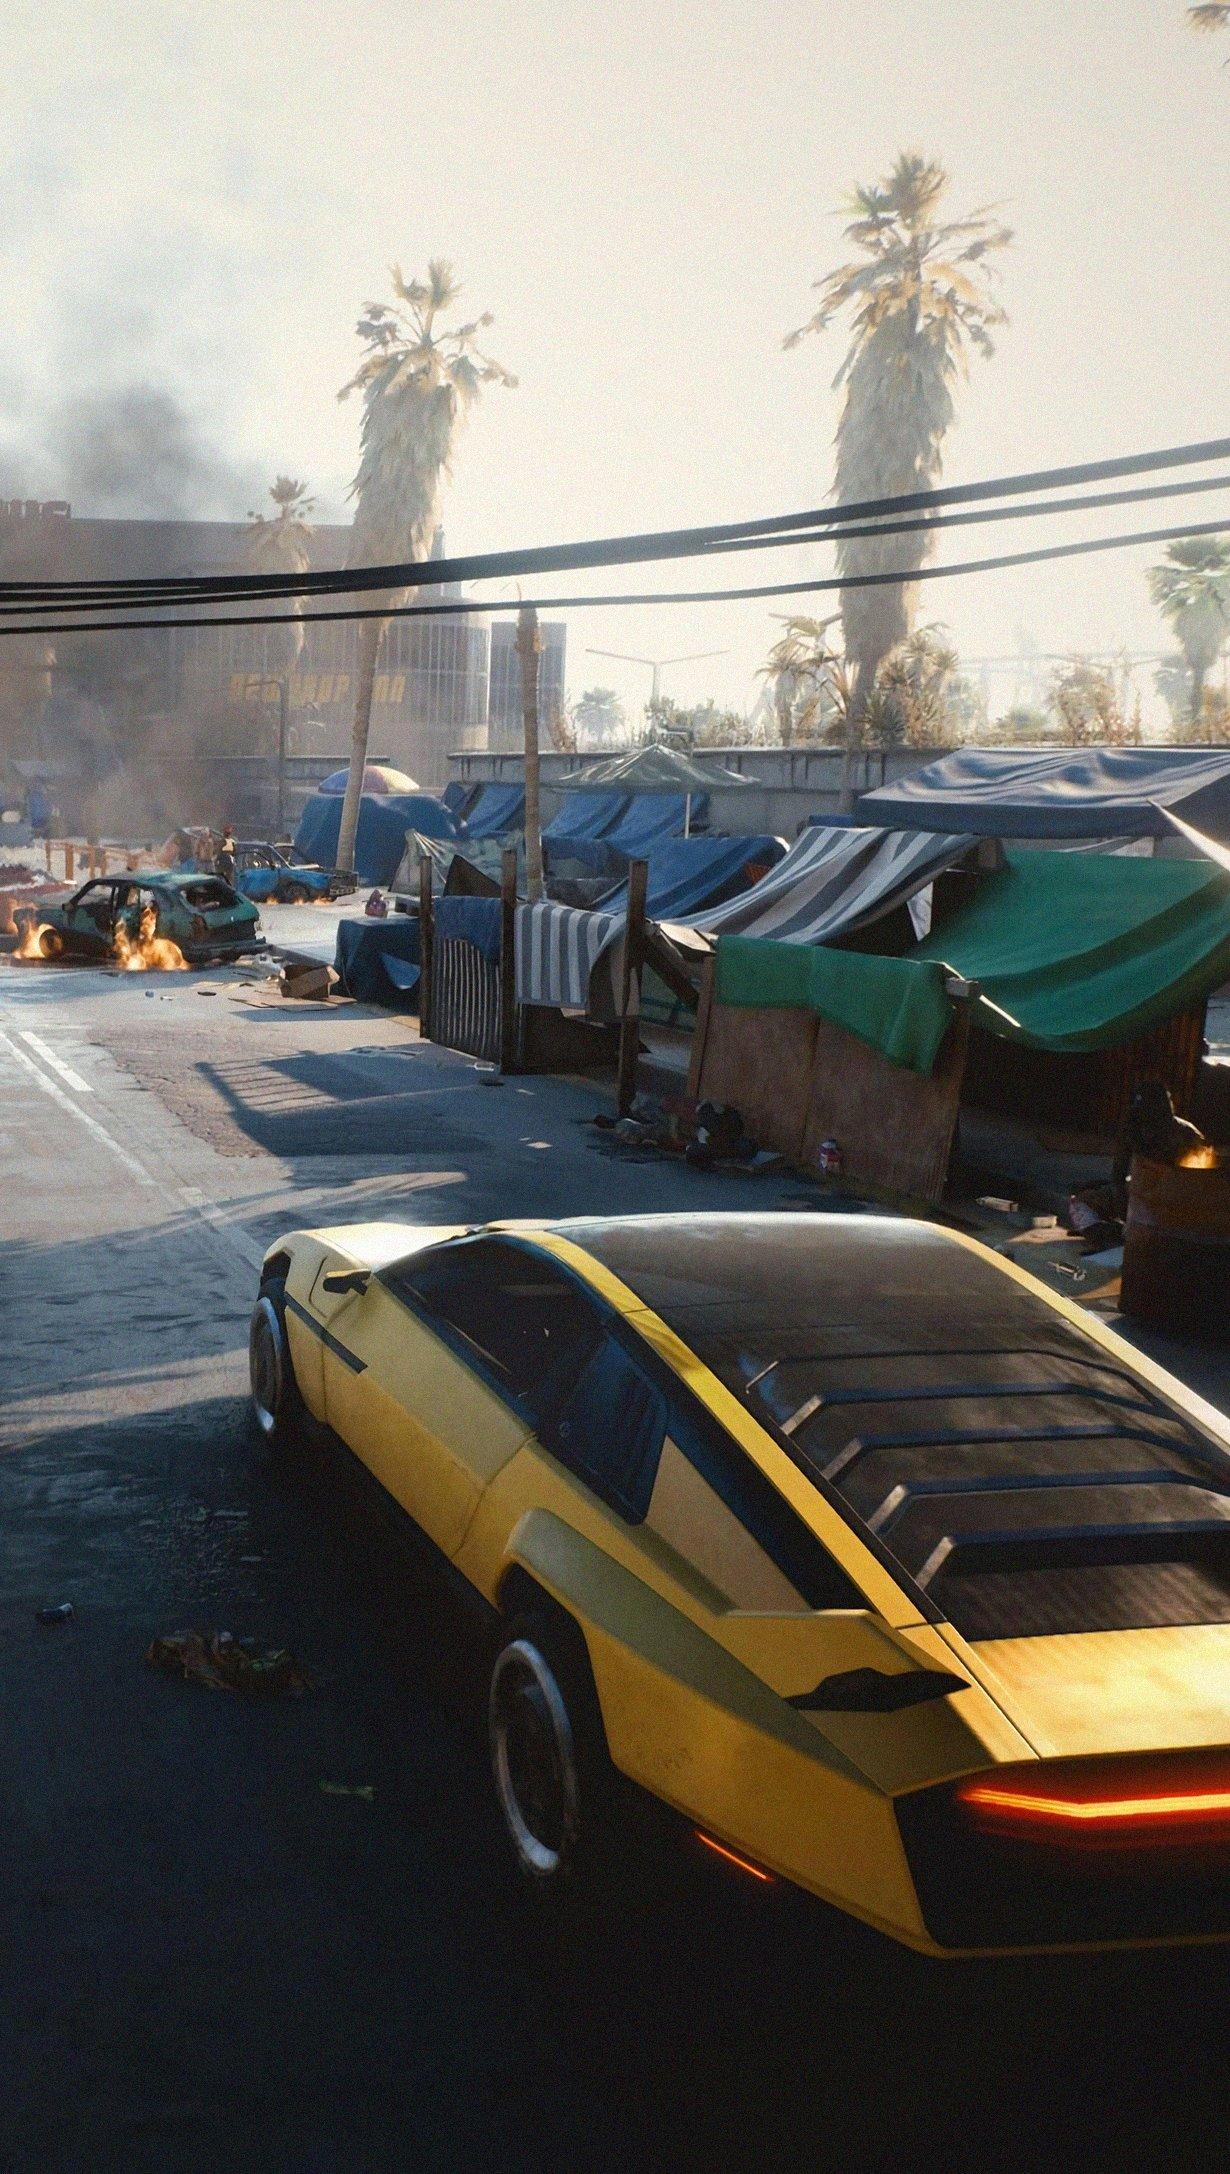 Wallpaper Street from Cyberpunk 2077 Vertical